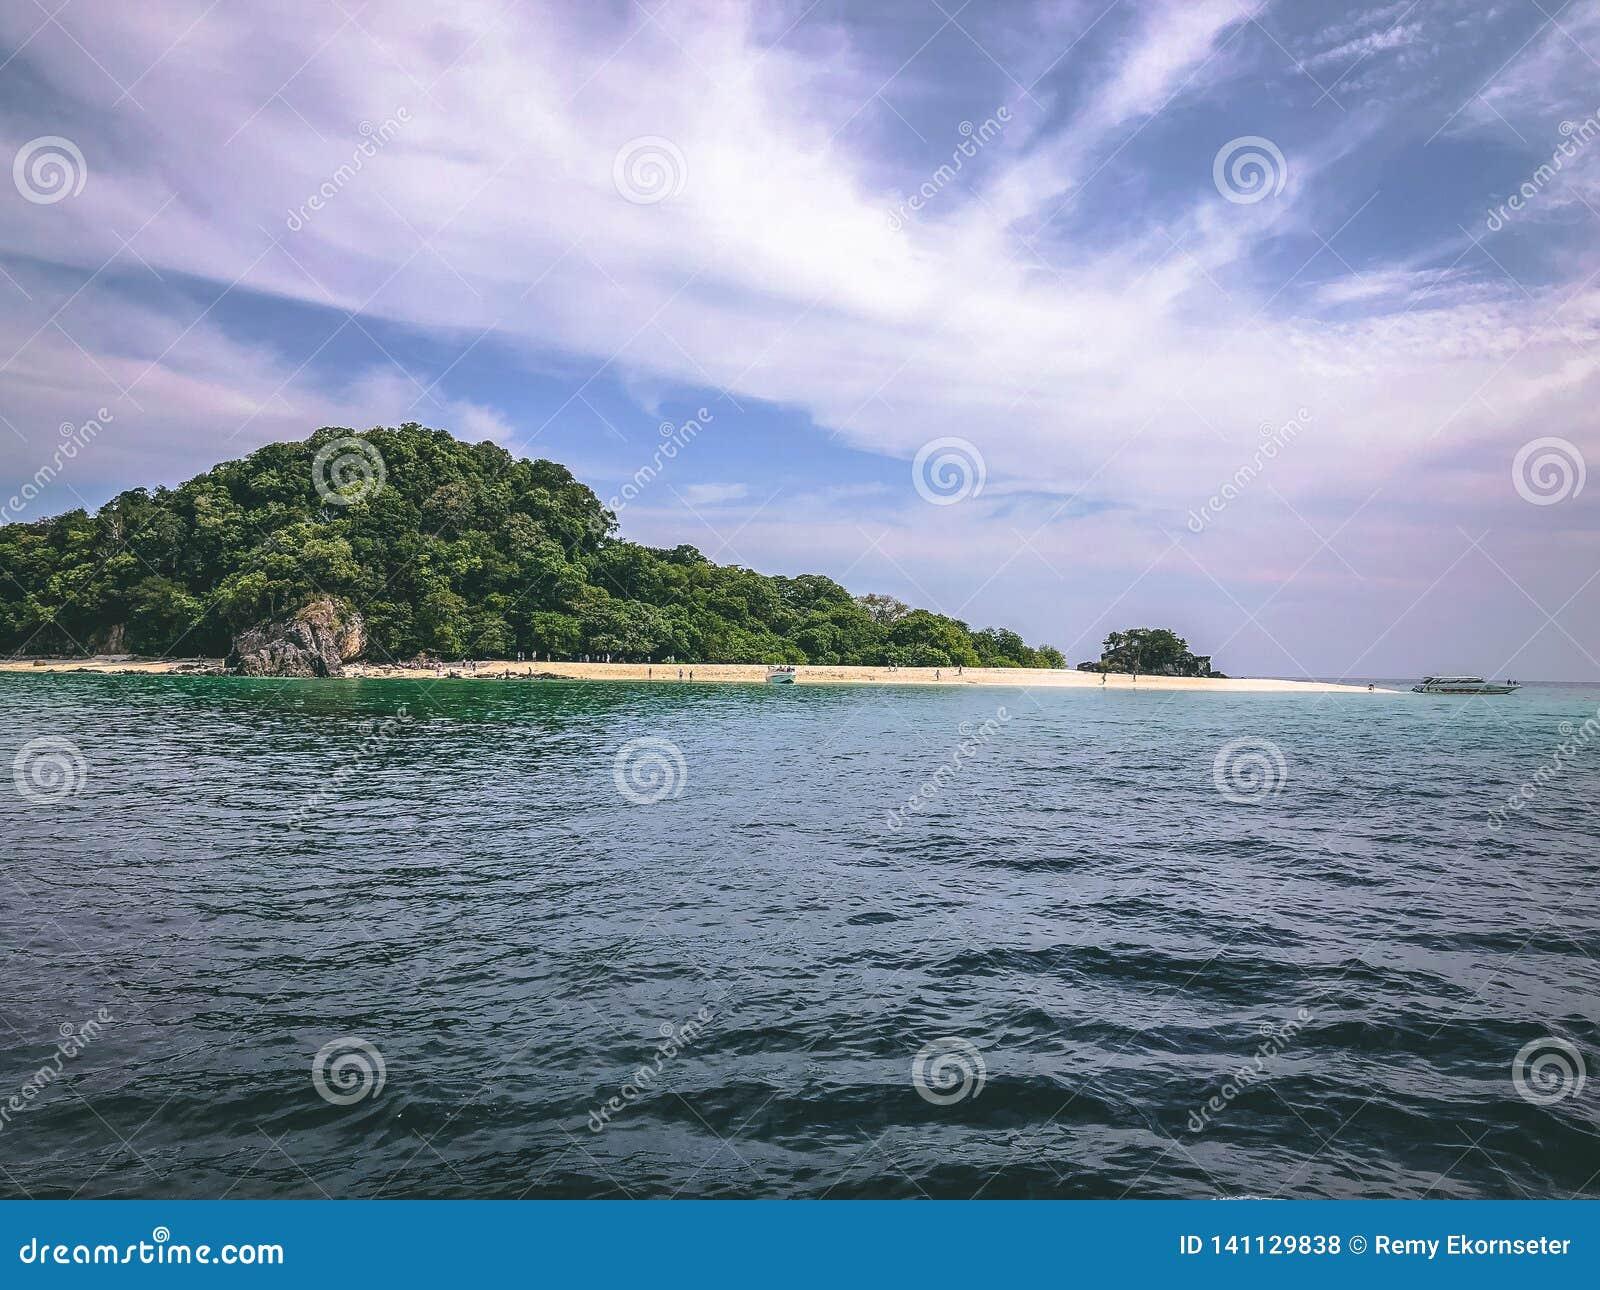 Paradise-Insel Crystal Clear Sea, blau, Palmen, auf fyre